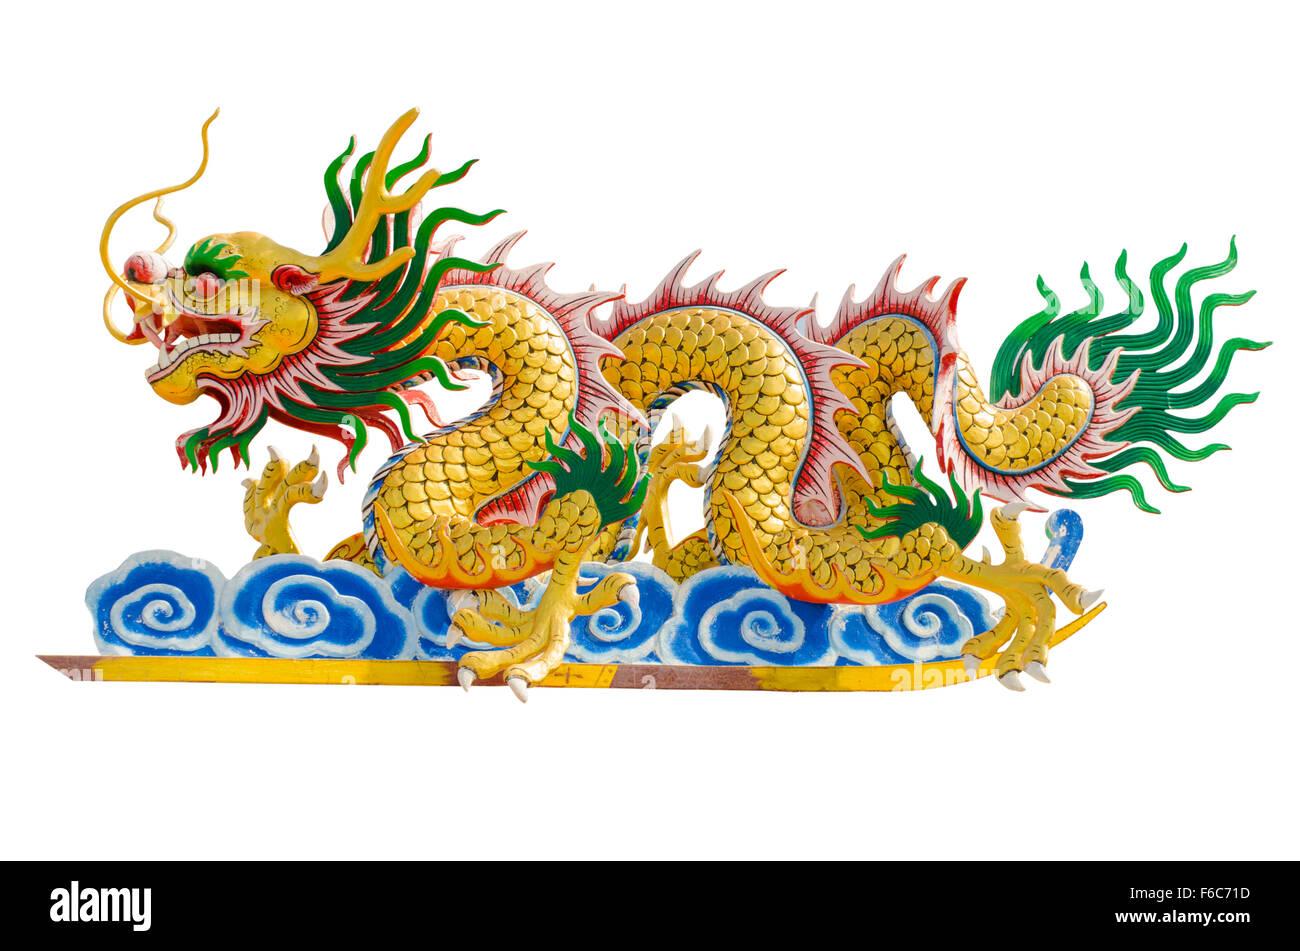 Chinesische Drachen Bild auf weißem Hintergrund. Stockbild